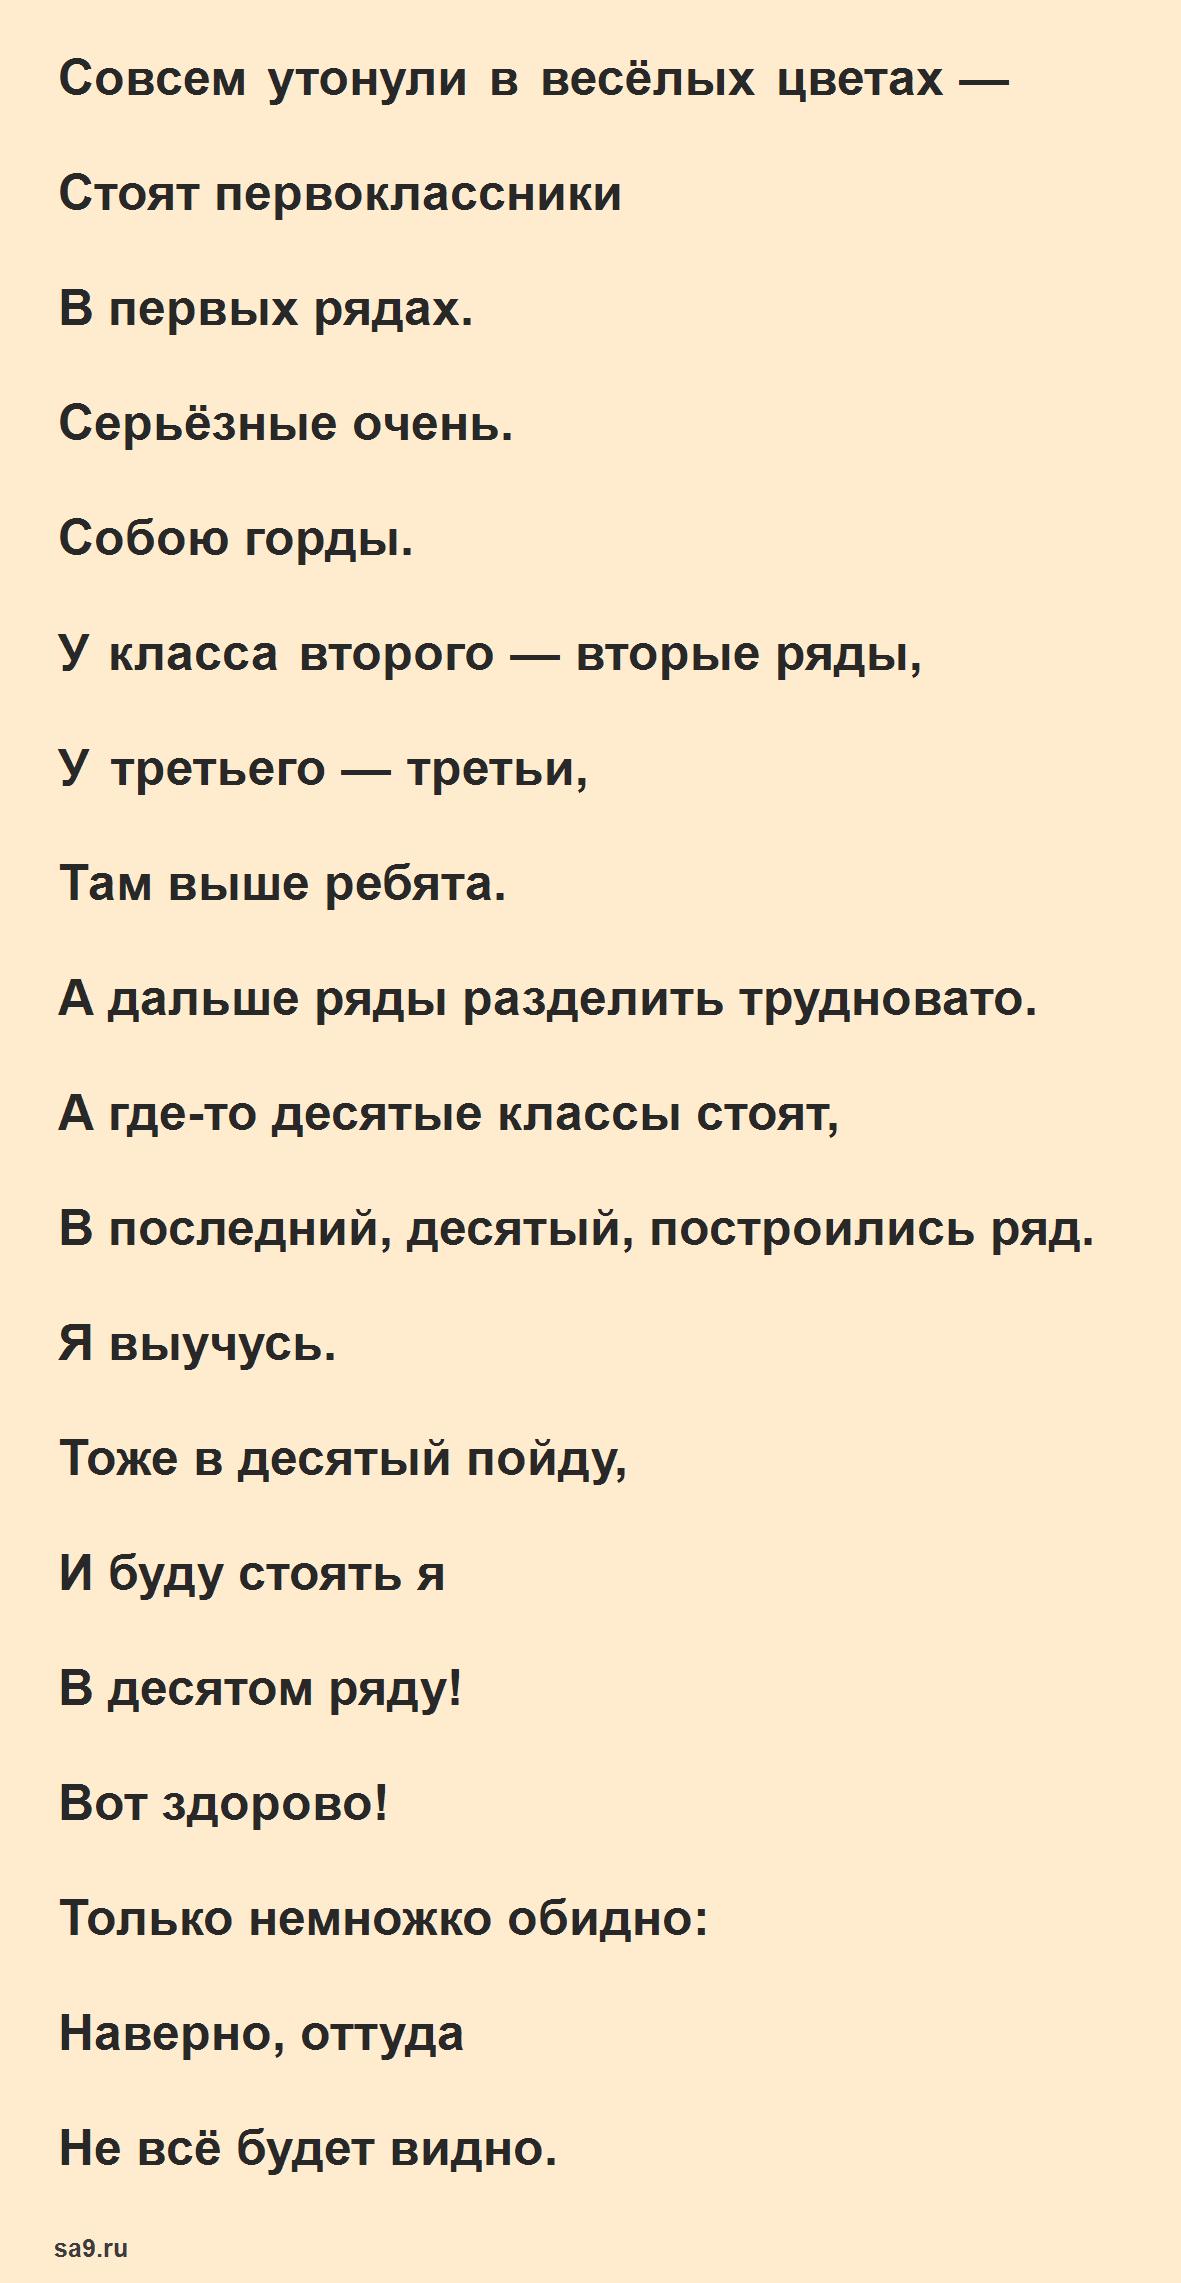 Читать стихи про школьников - На торжественной линейке, Фадеева